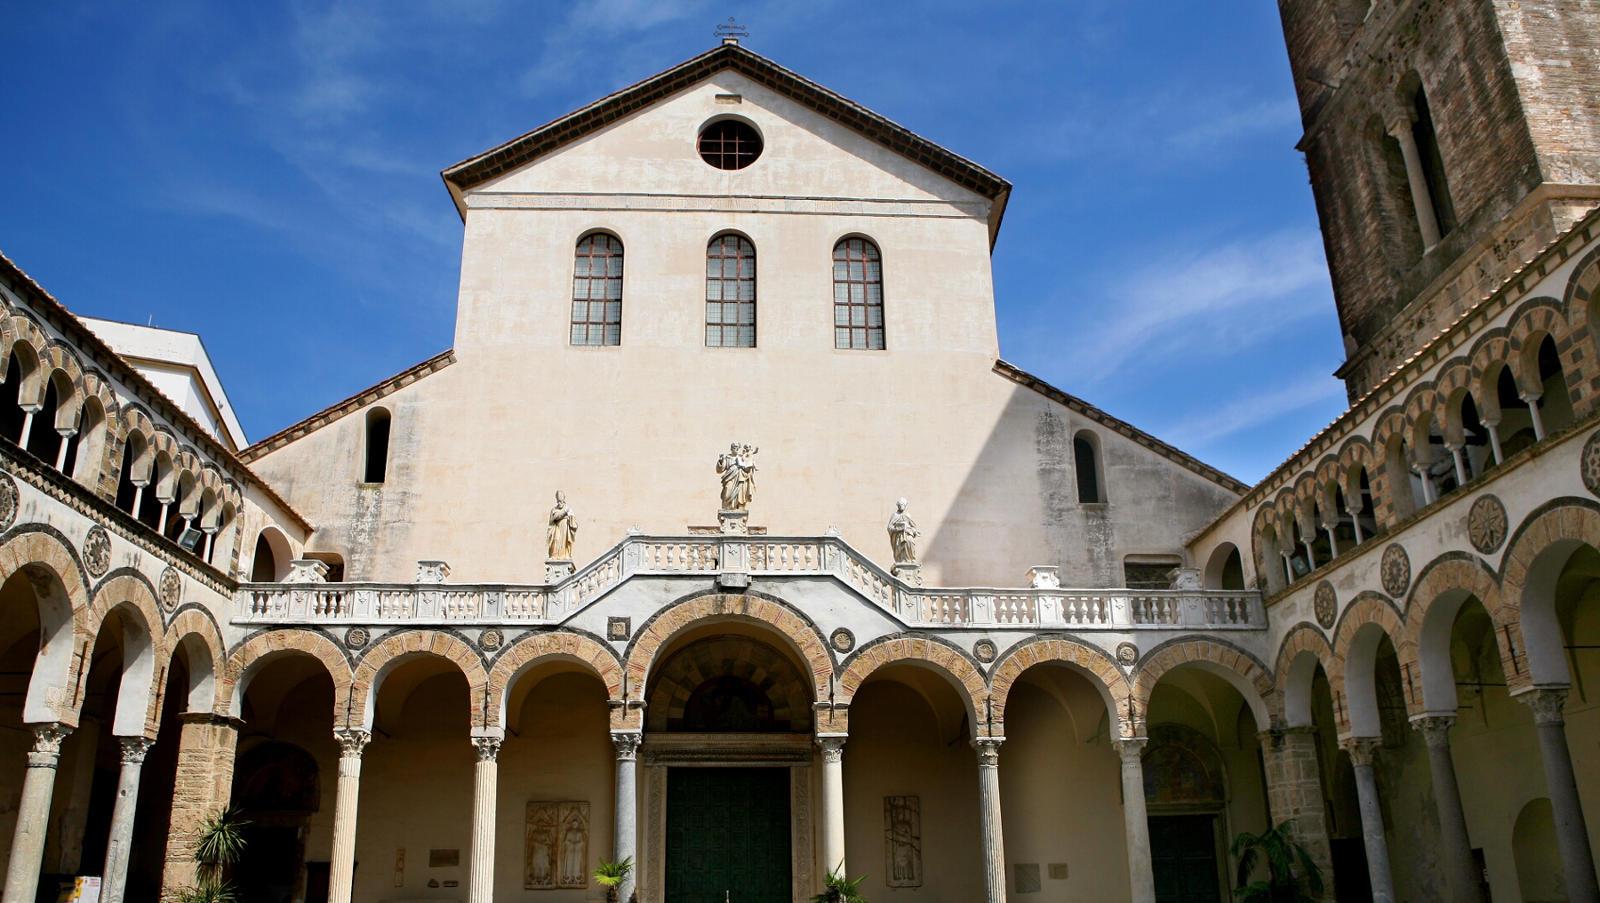 Valutazione Immobili Salerno